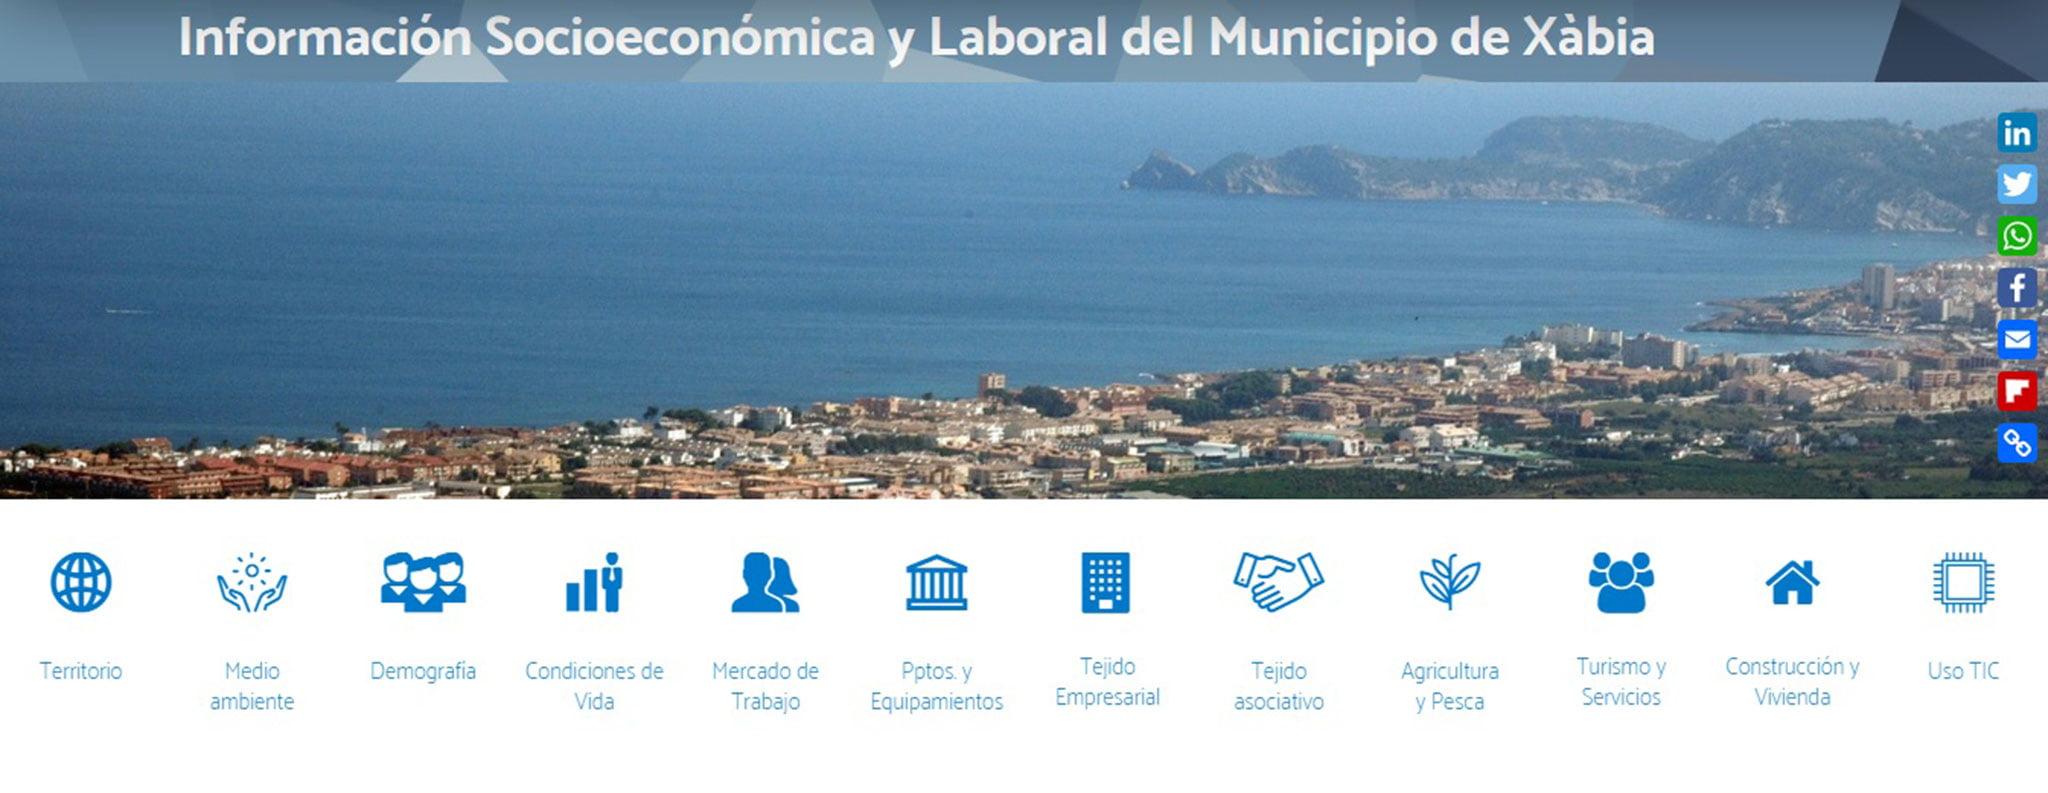 Acceso a la información socioeconómica de Xàbia en la web de L'Observatori de la Marina Alta